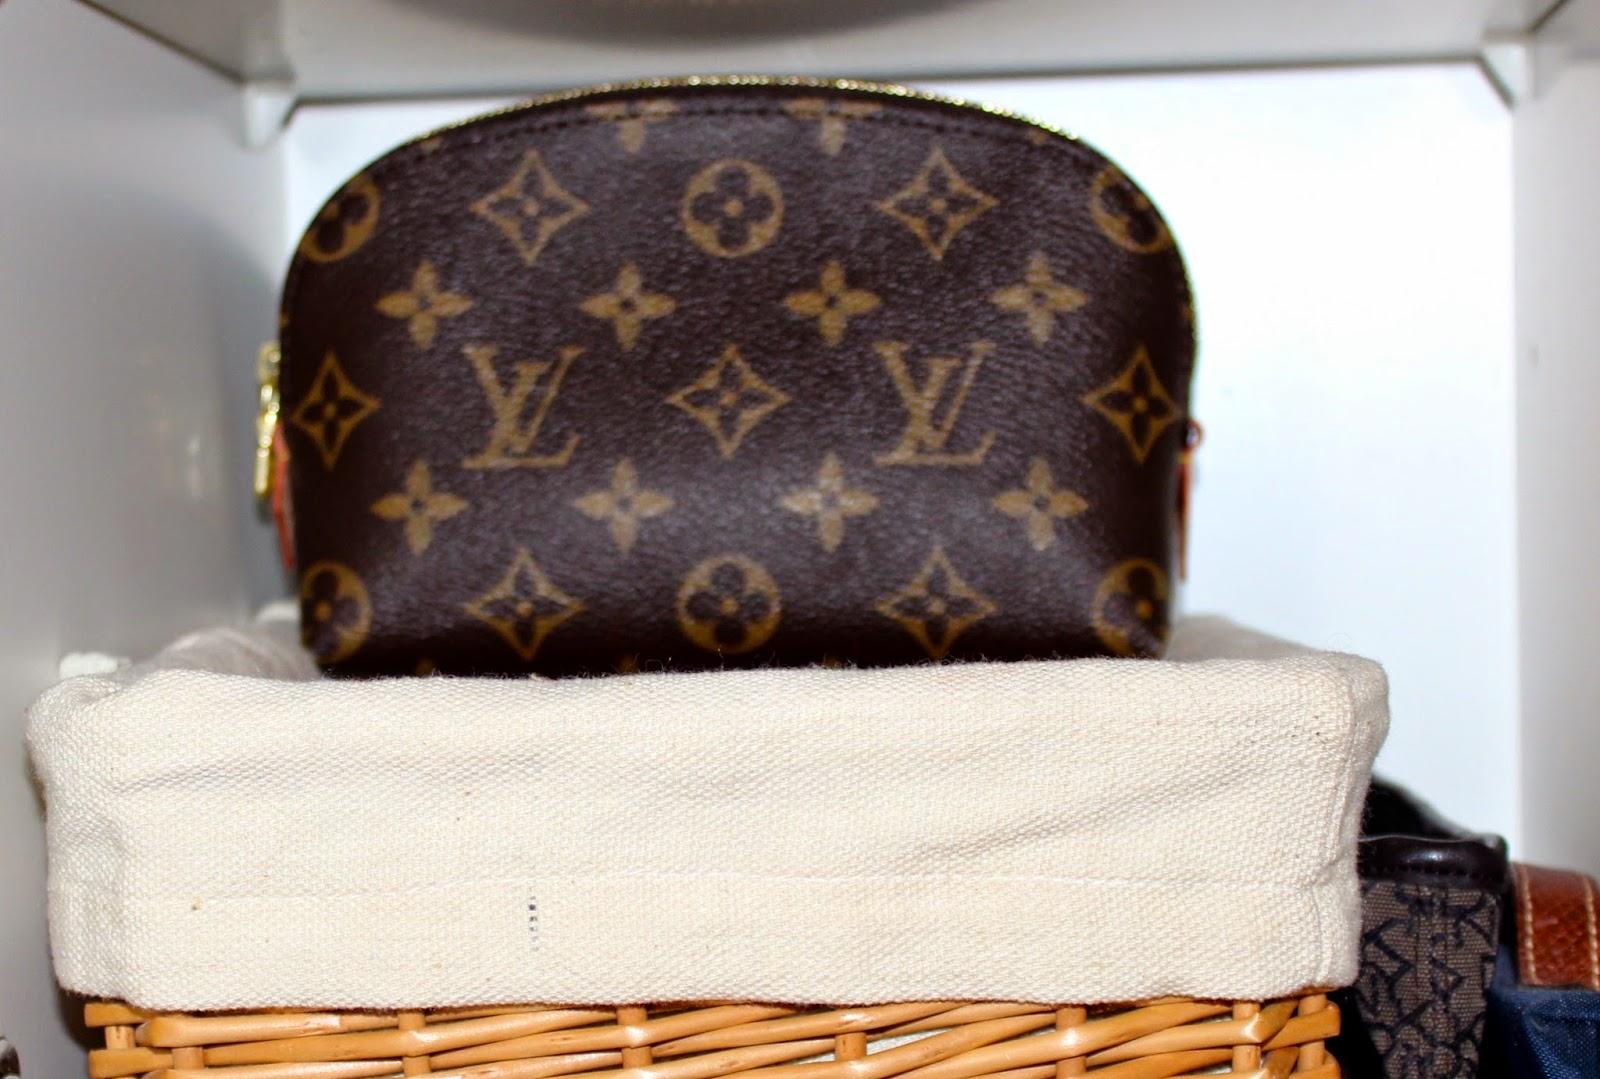 Have an Ice day   Nimikirjainten painatus Louis Vuitton tuotteisiin bfcbeb684d